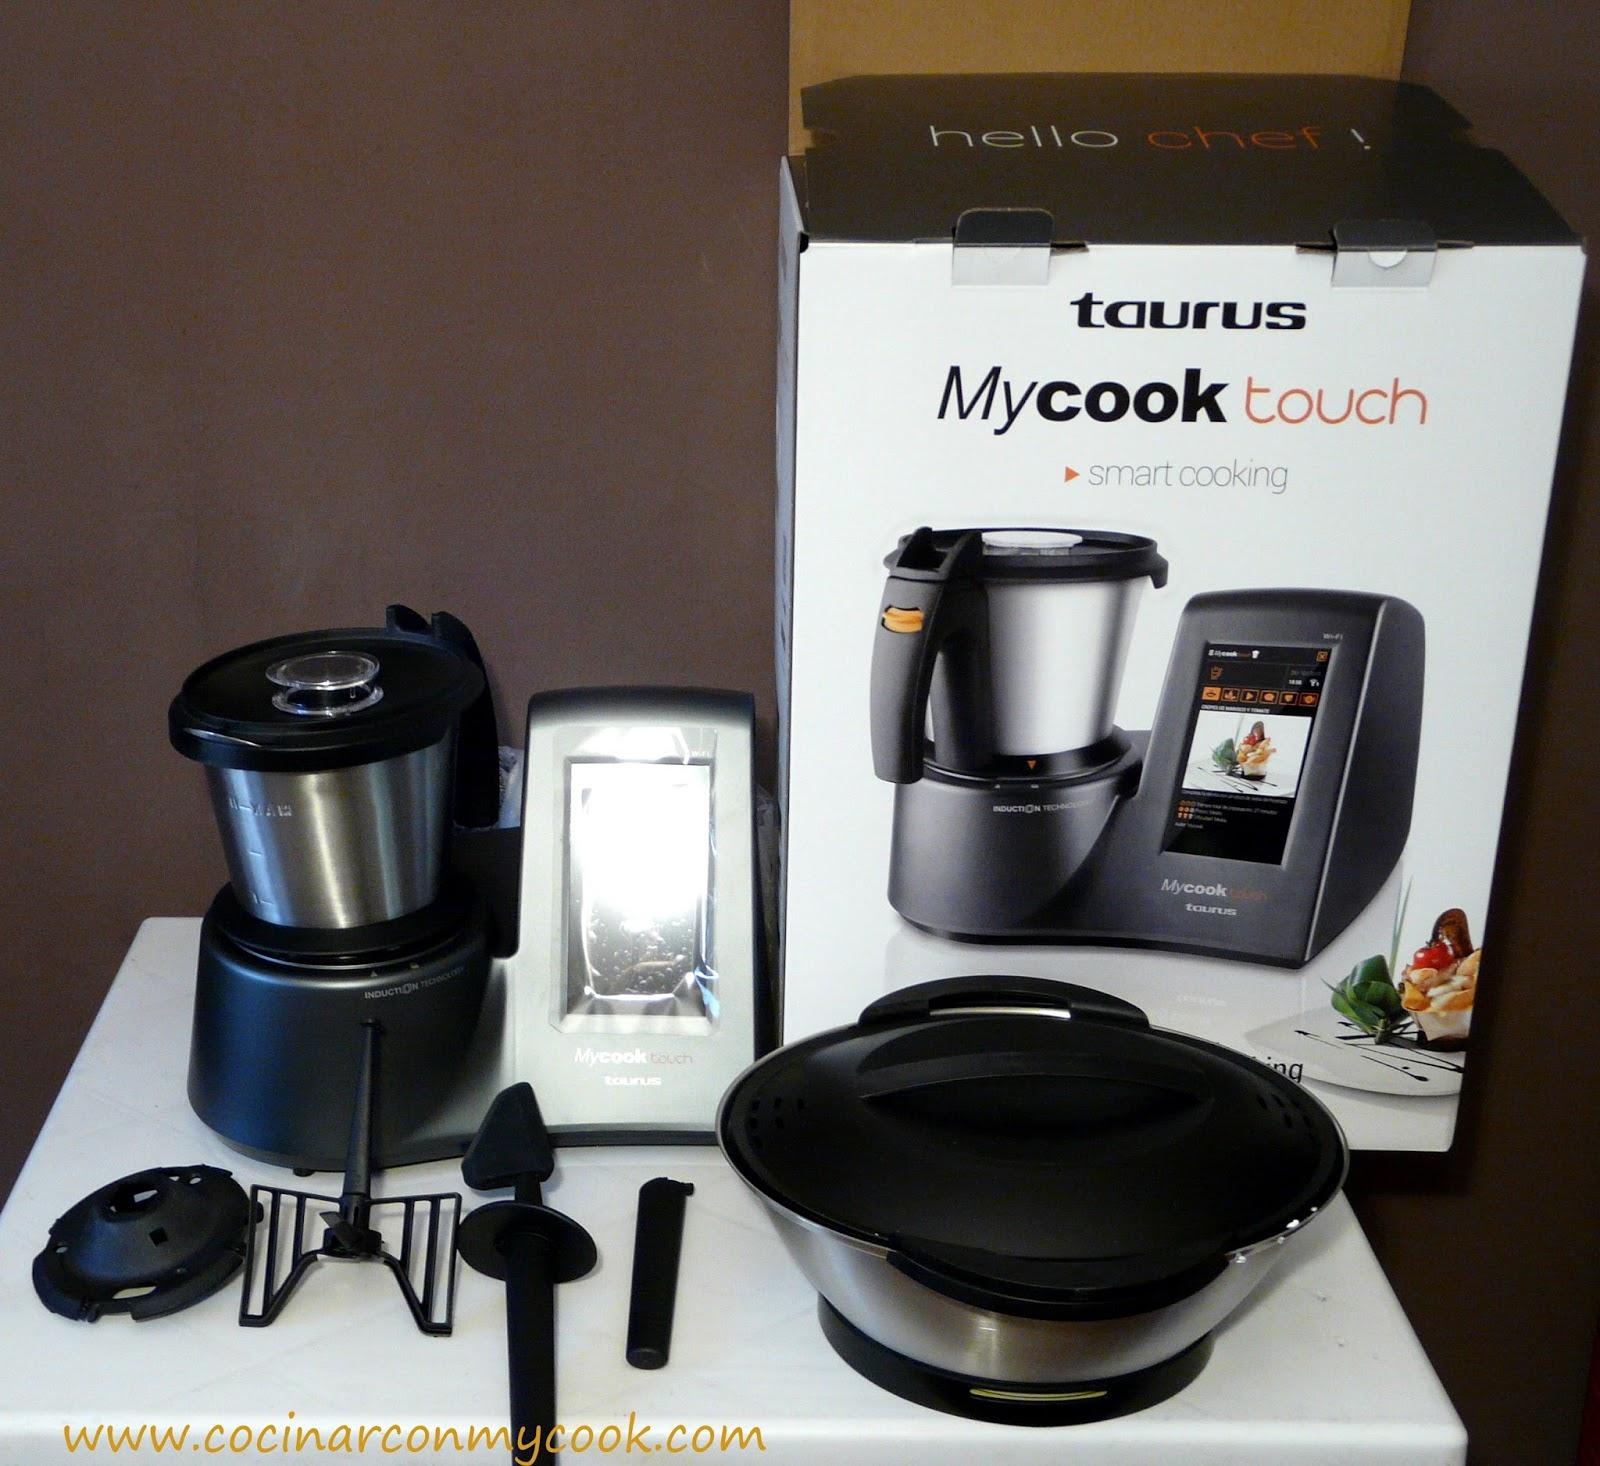 Cocinar con mycook diciembre 2015 - Cocinar con robot ...